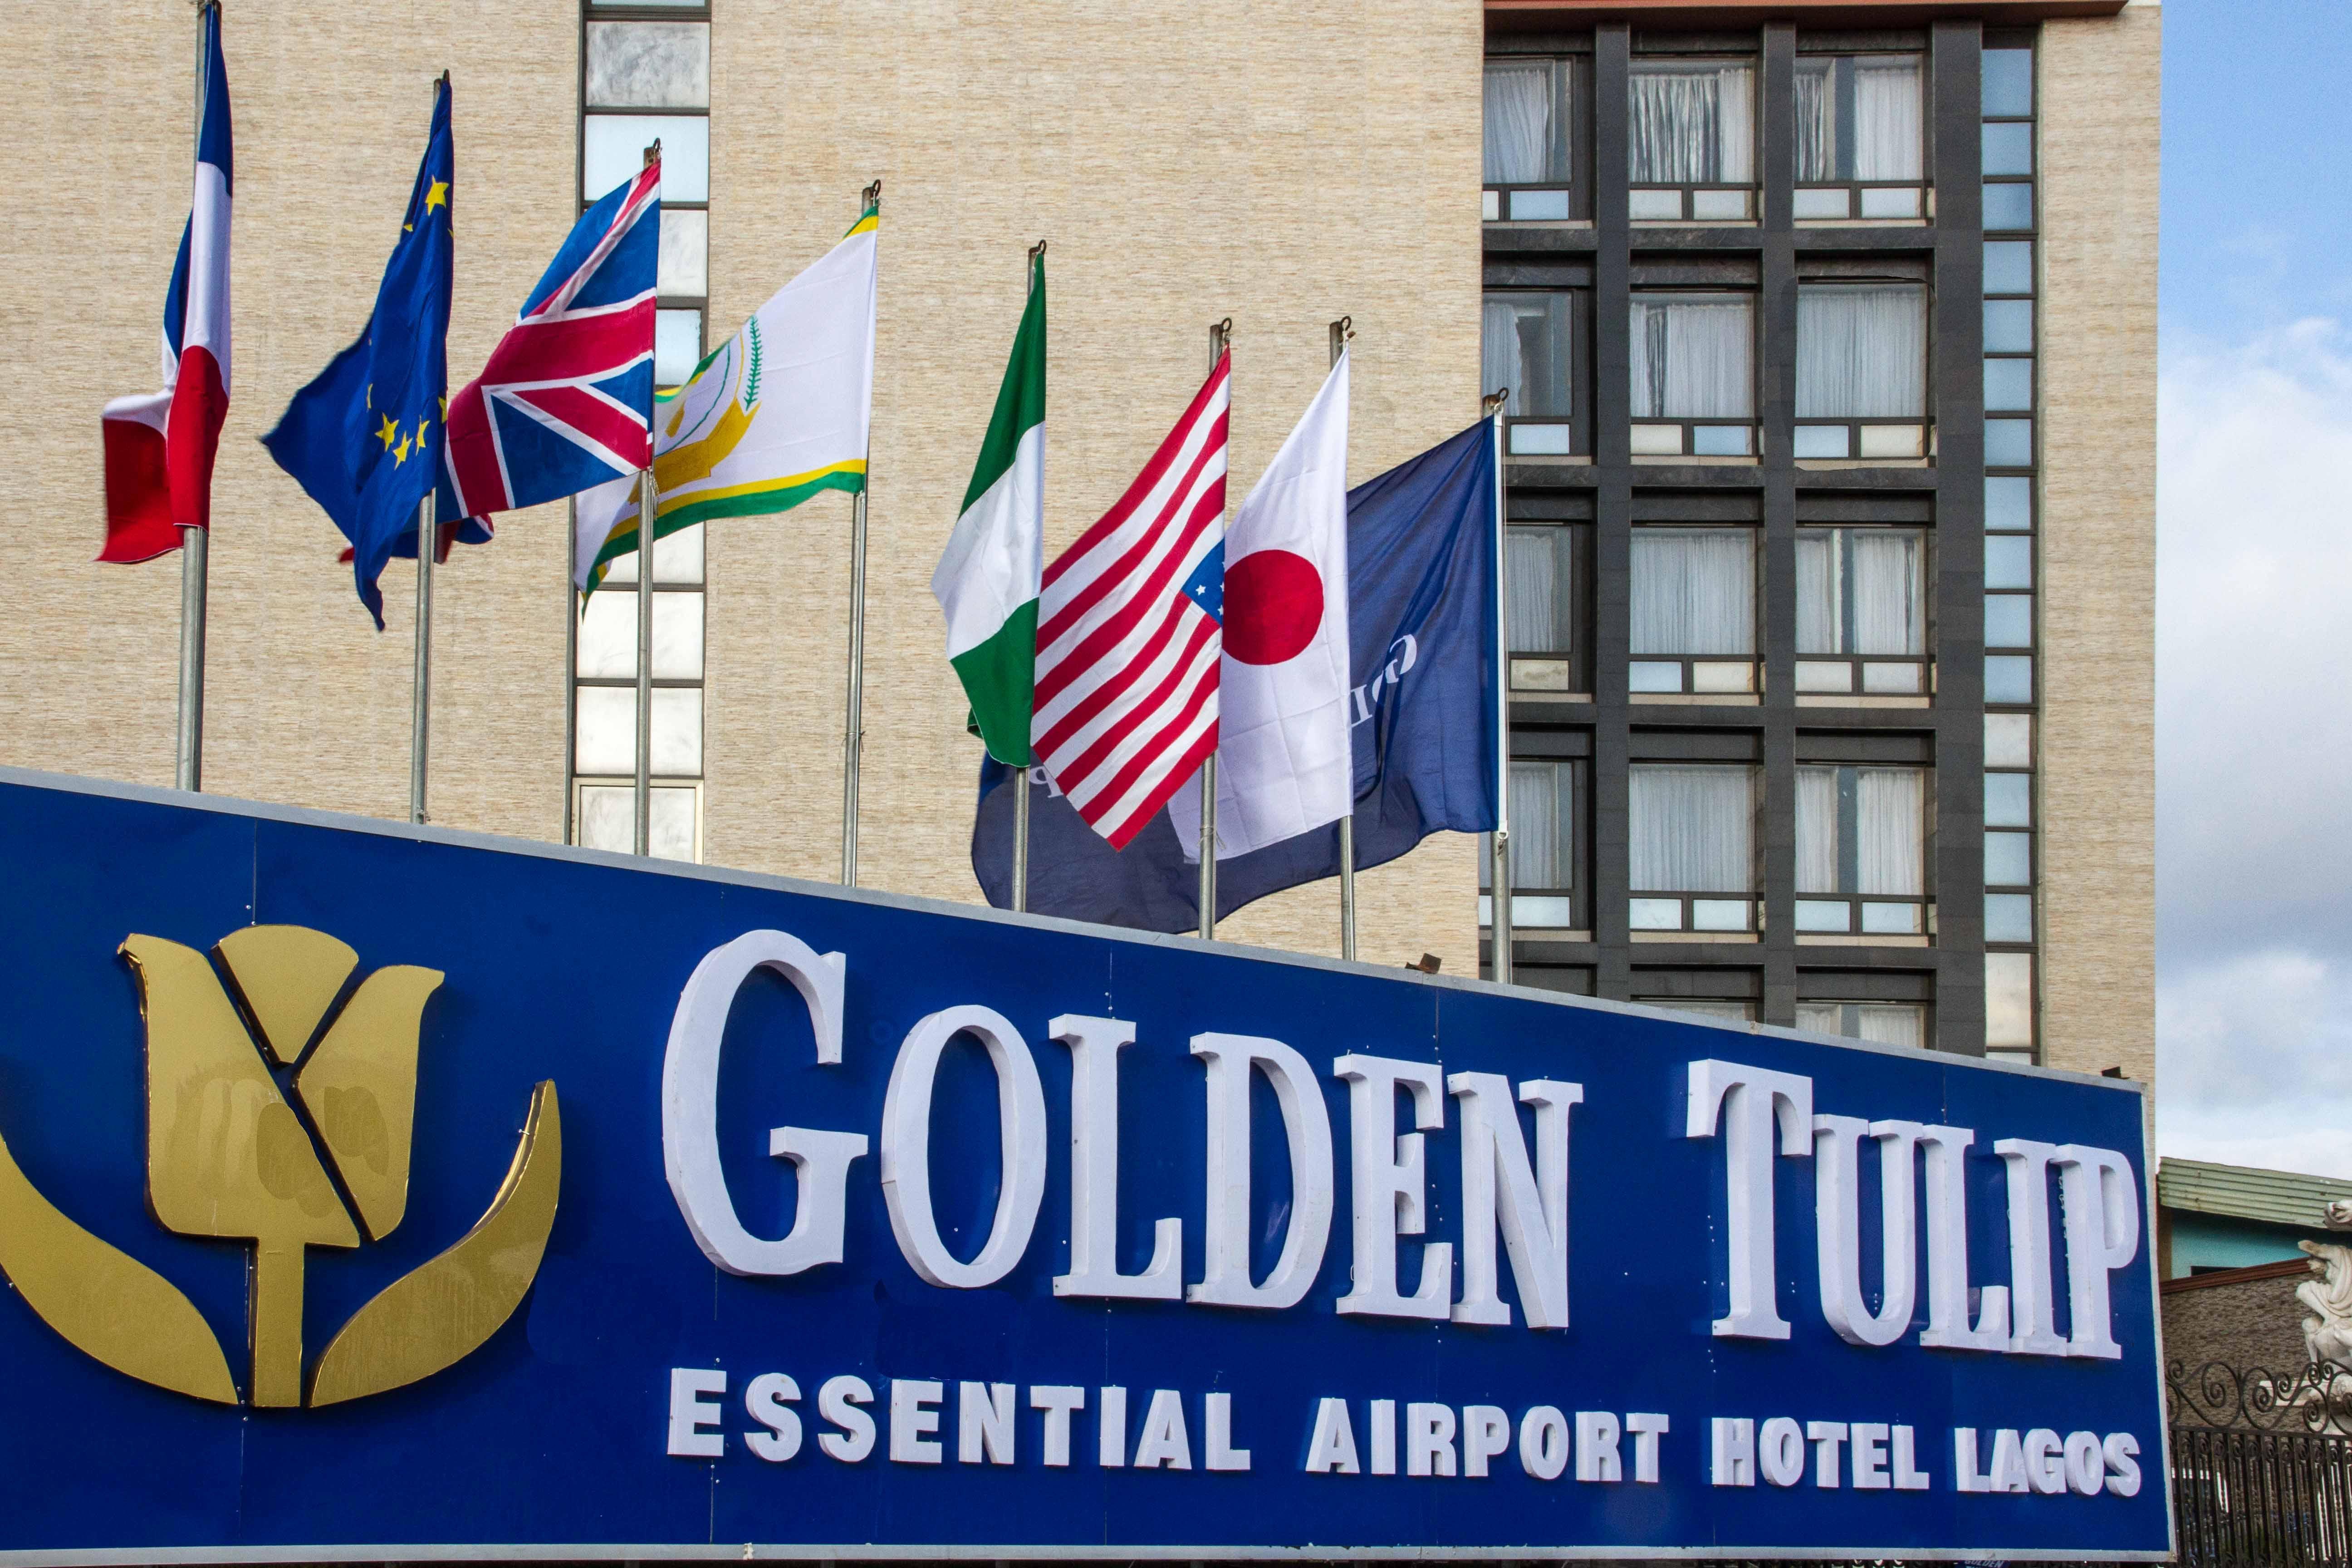 Golden Tulip Essential Lagos Airport Hotel, Oshodi/Isolo